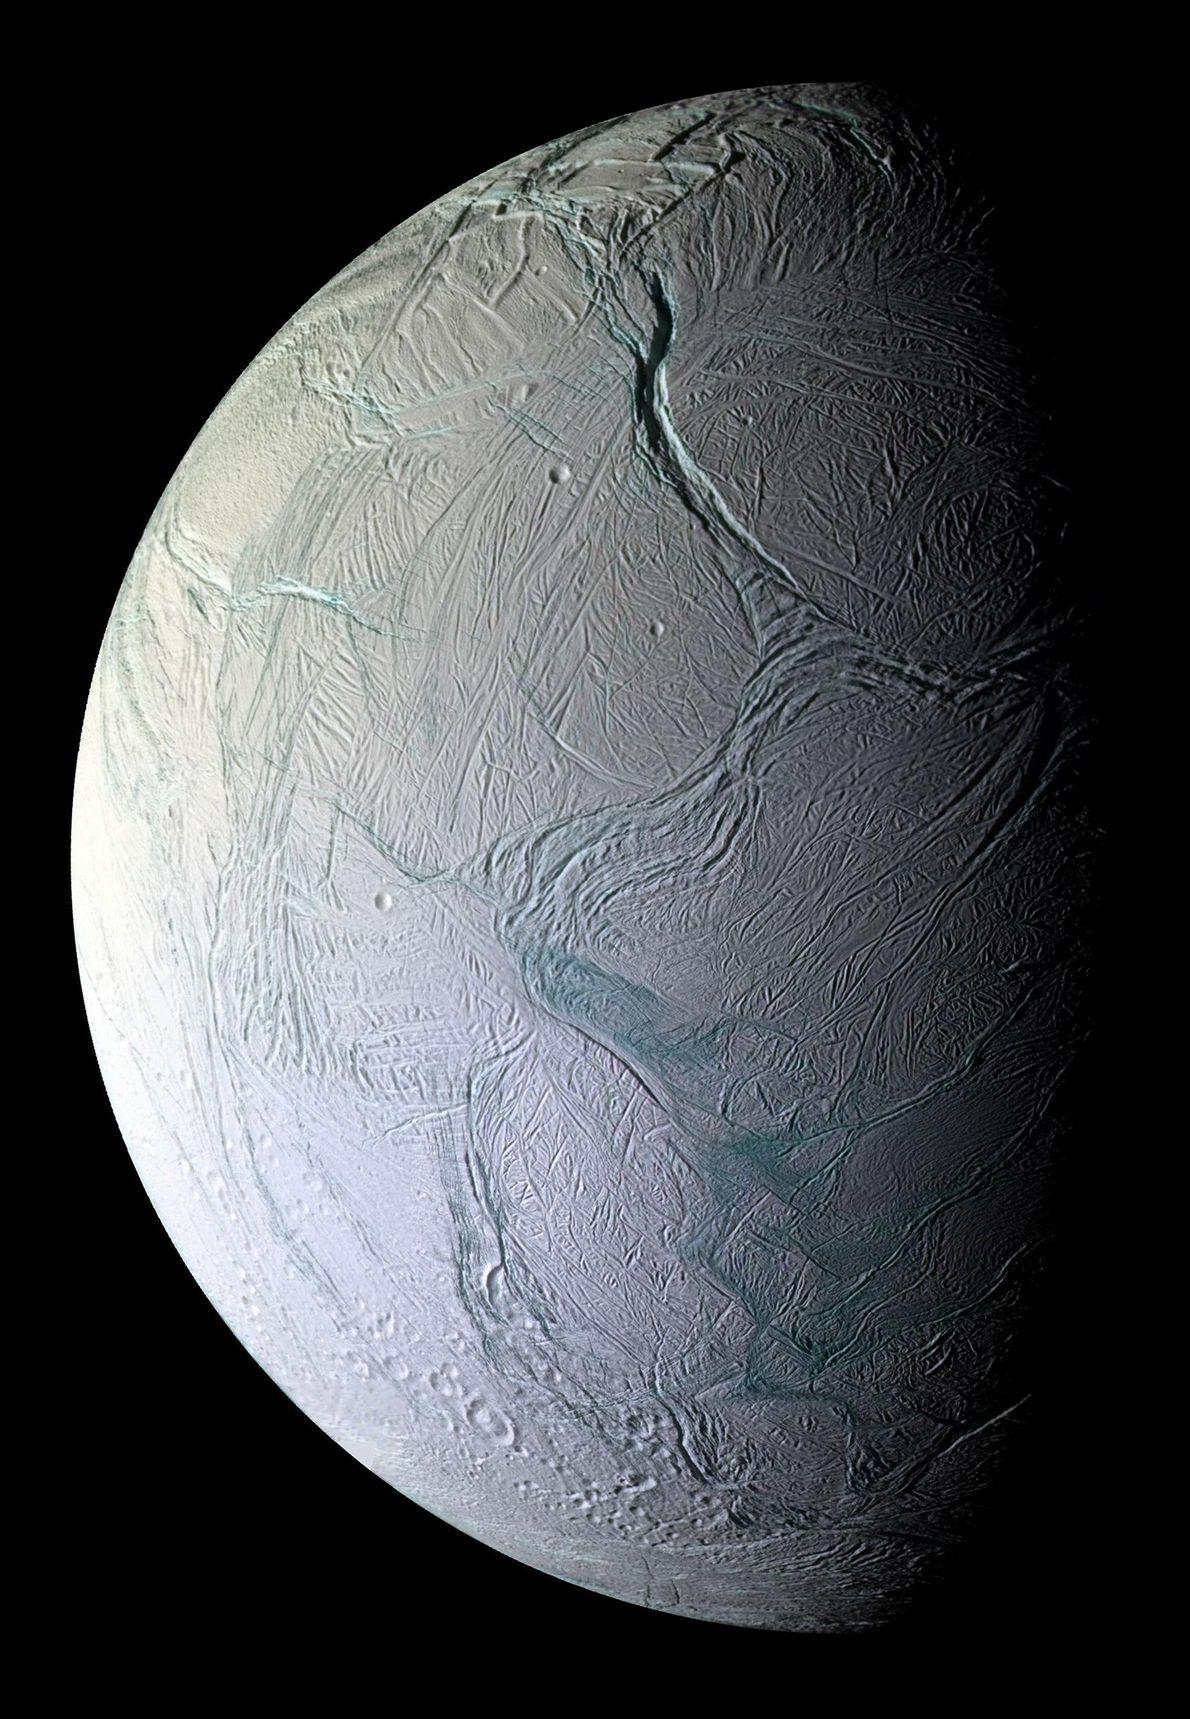 02-enceladus